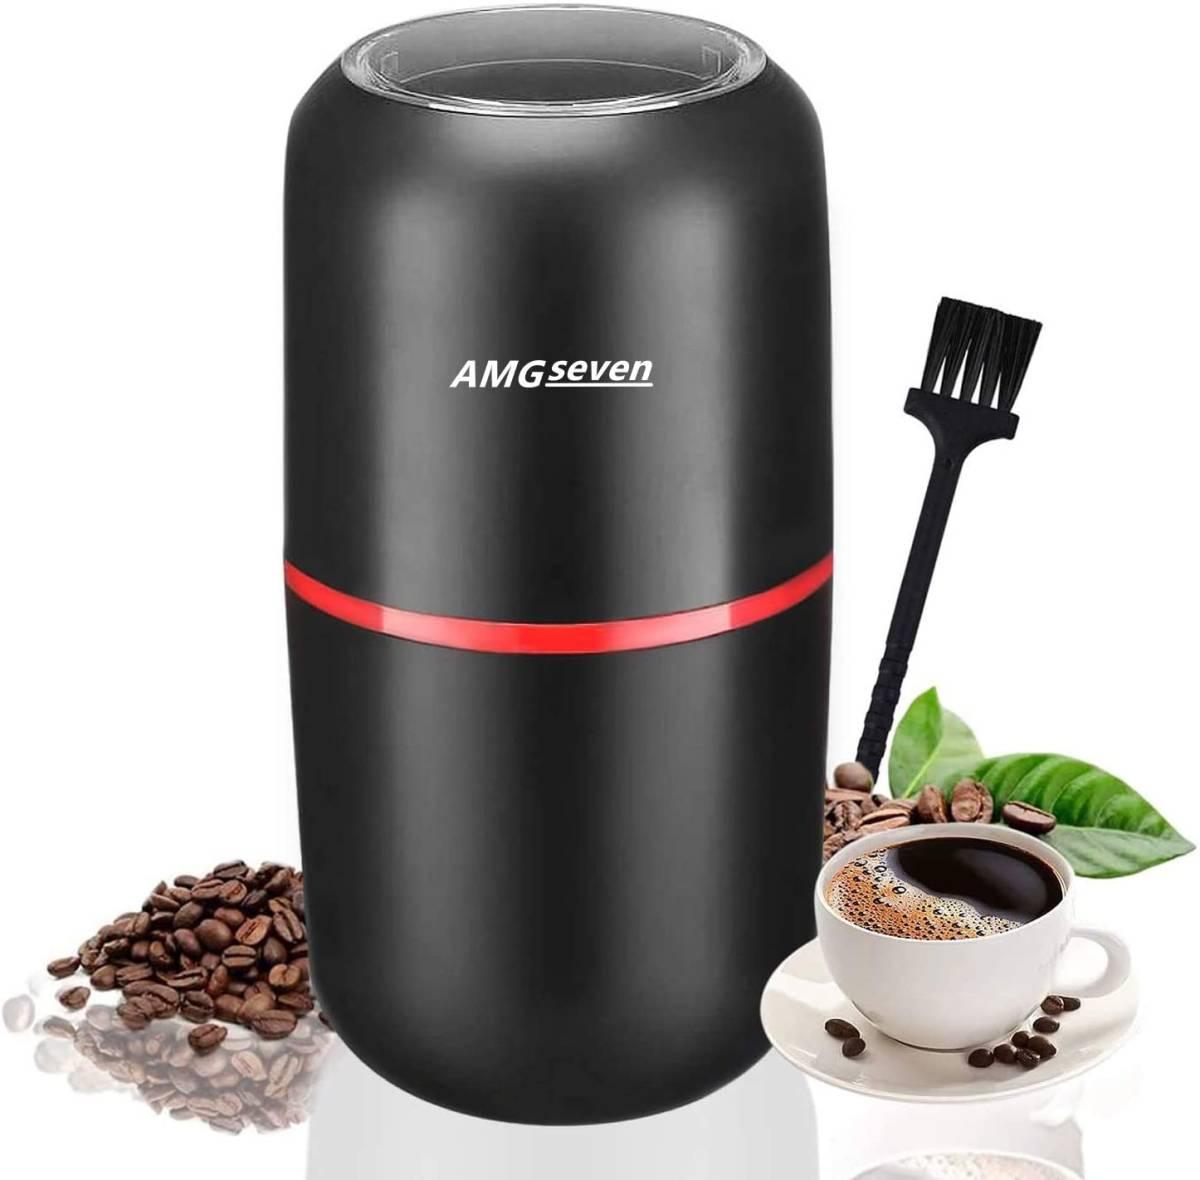 【新品】AMGseven コーヒーミル 電動コーヒーミル 2021年最新版 コーヒーグラインダー 小型 大容量電動ミル プロペラ式 300ハイパワー A316